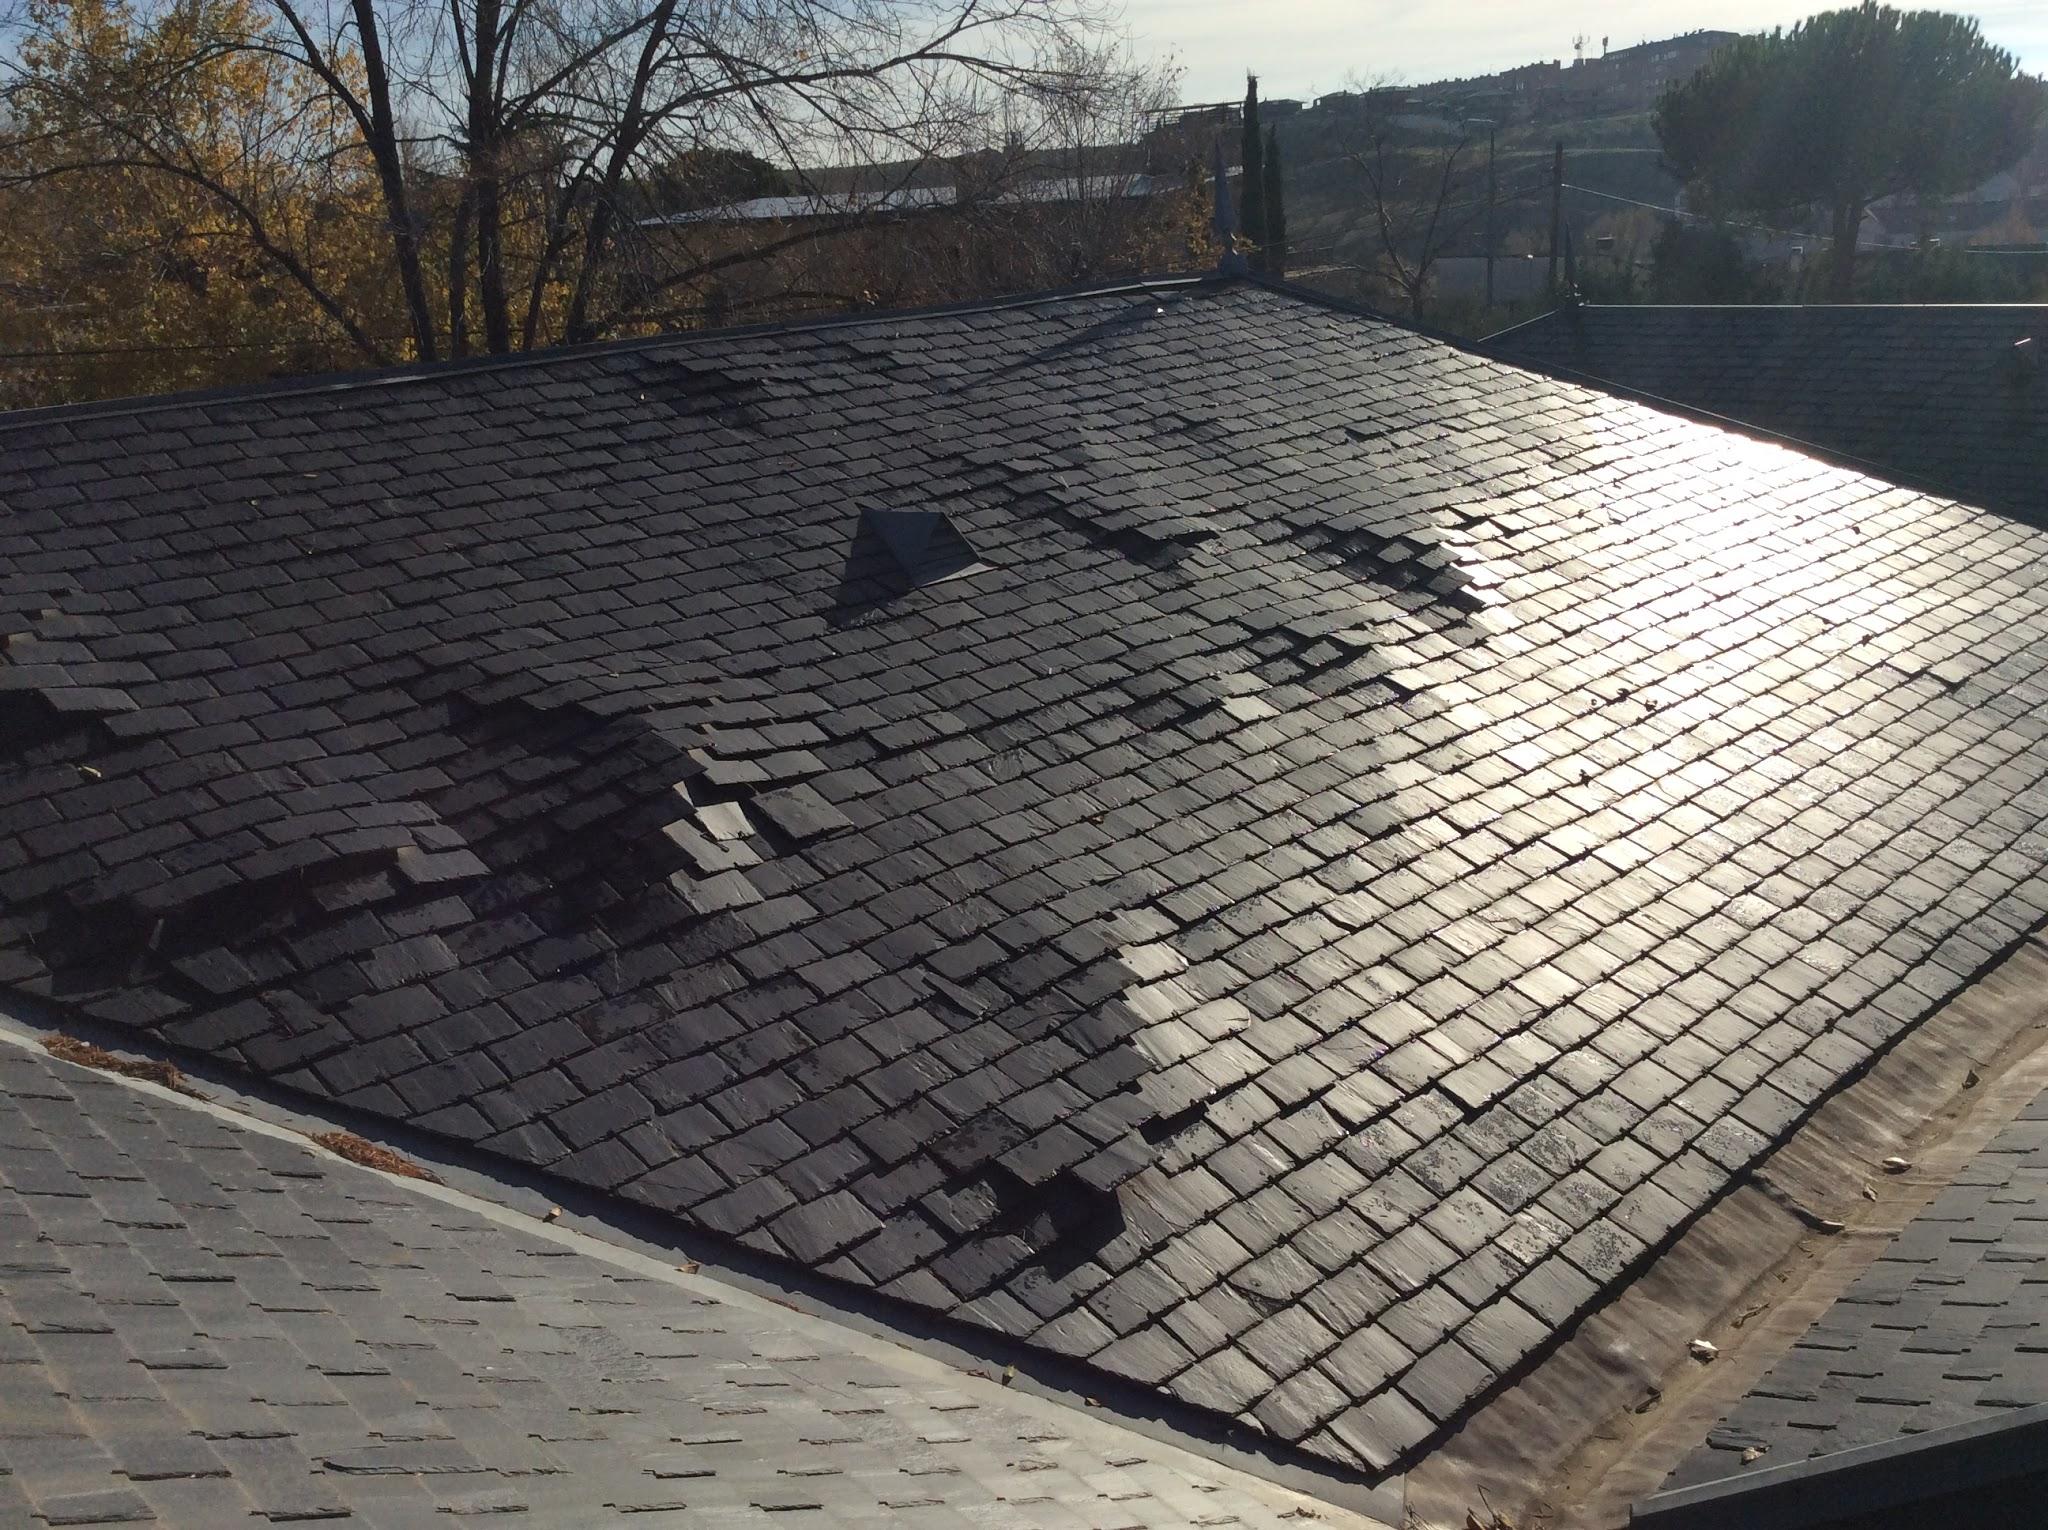 Reparaci n de tejados de pizarra tejados de pizarrra - Cubiertas de pizarra en madrid ...